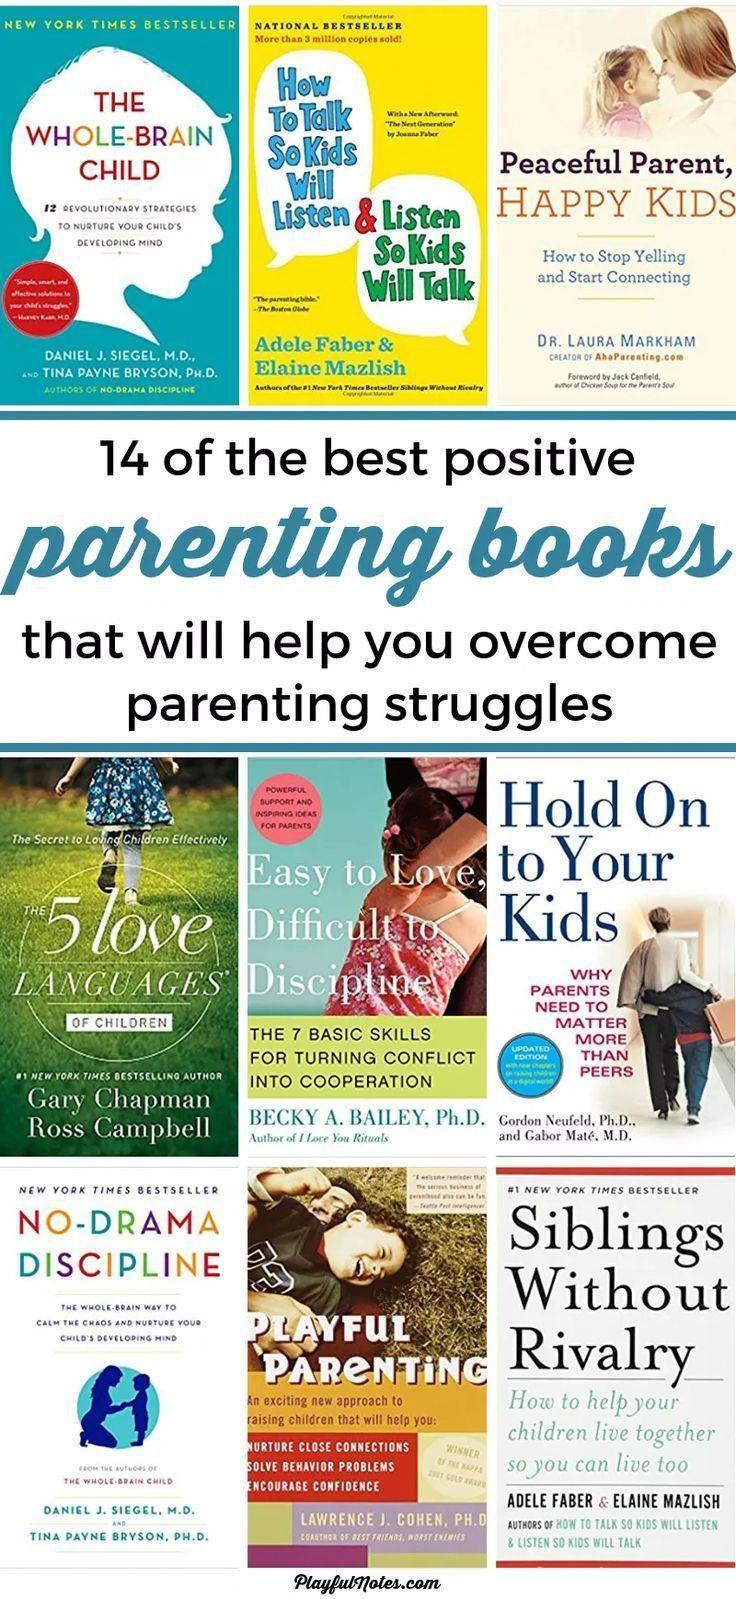 Trouvez plus d'informations sur la parentalité avec amour